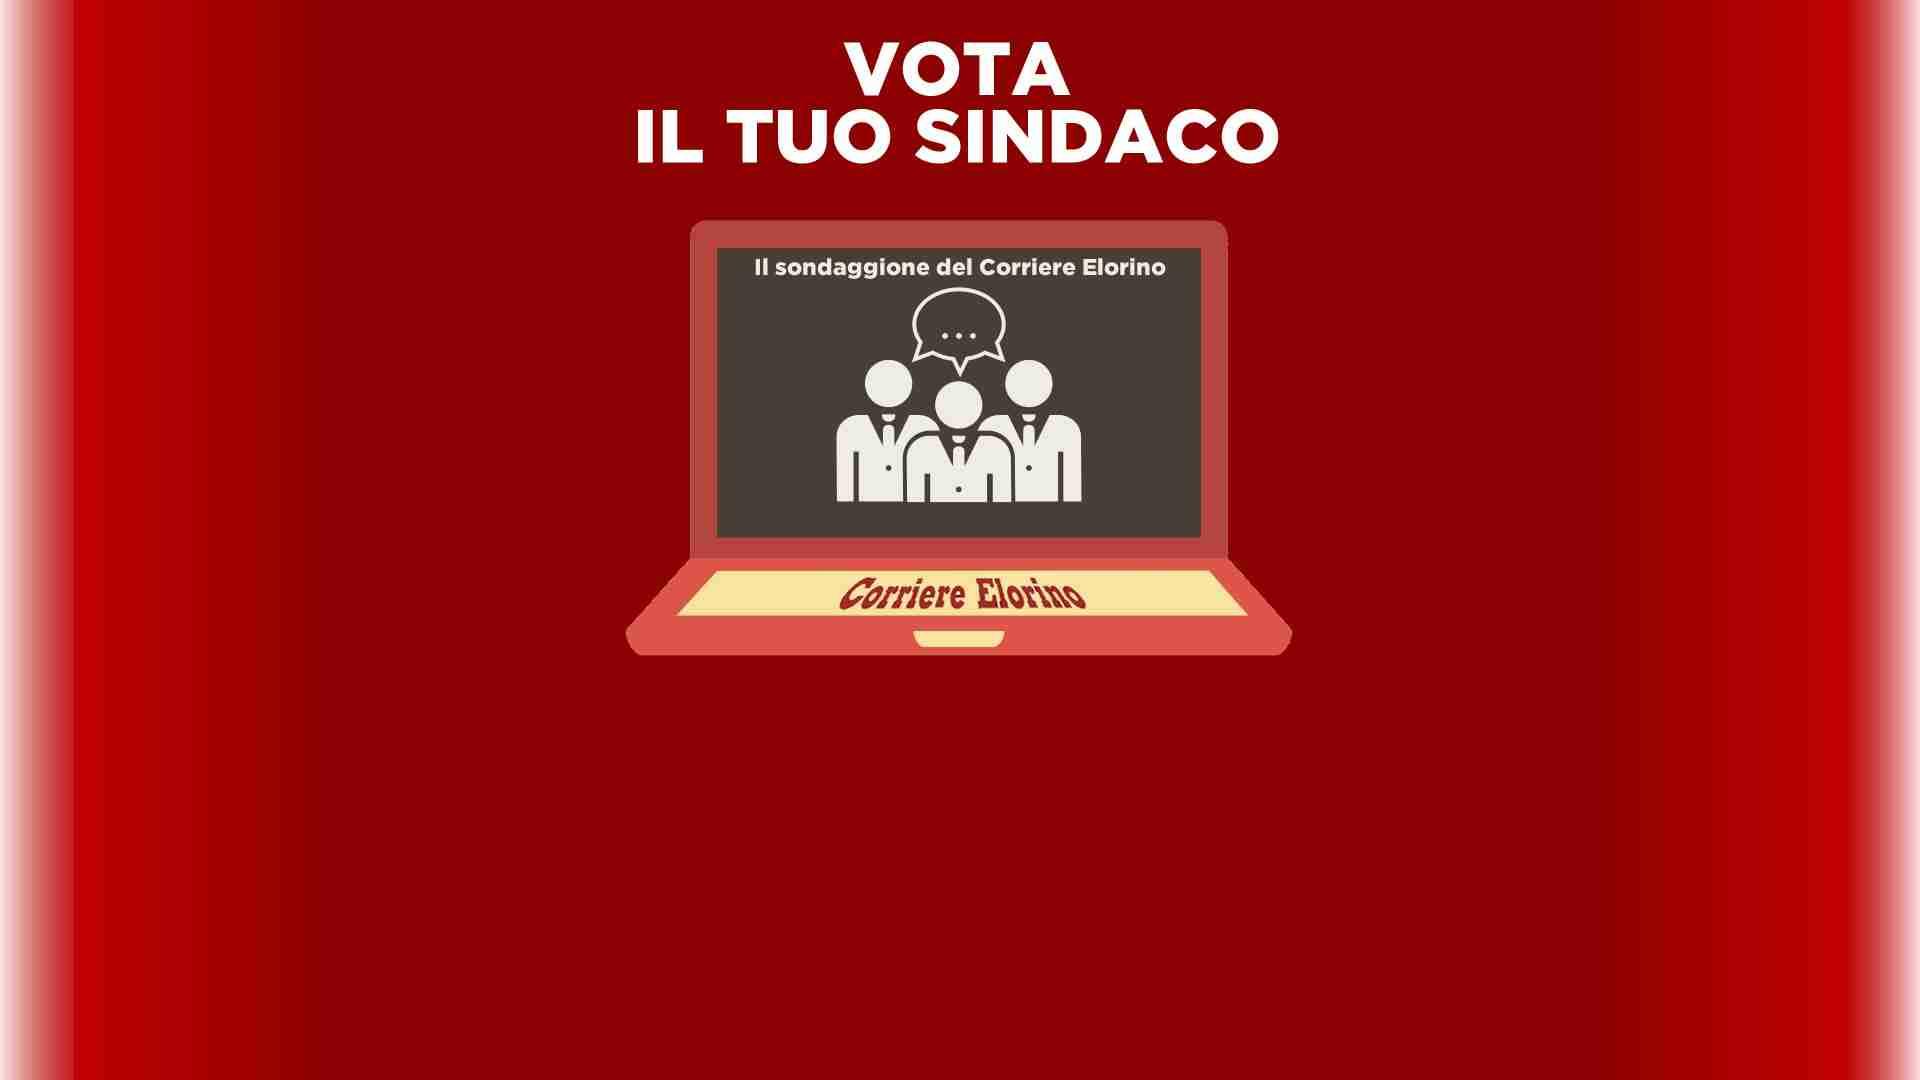 Vota il tuo SINDACO, sondaggio online del Corriere